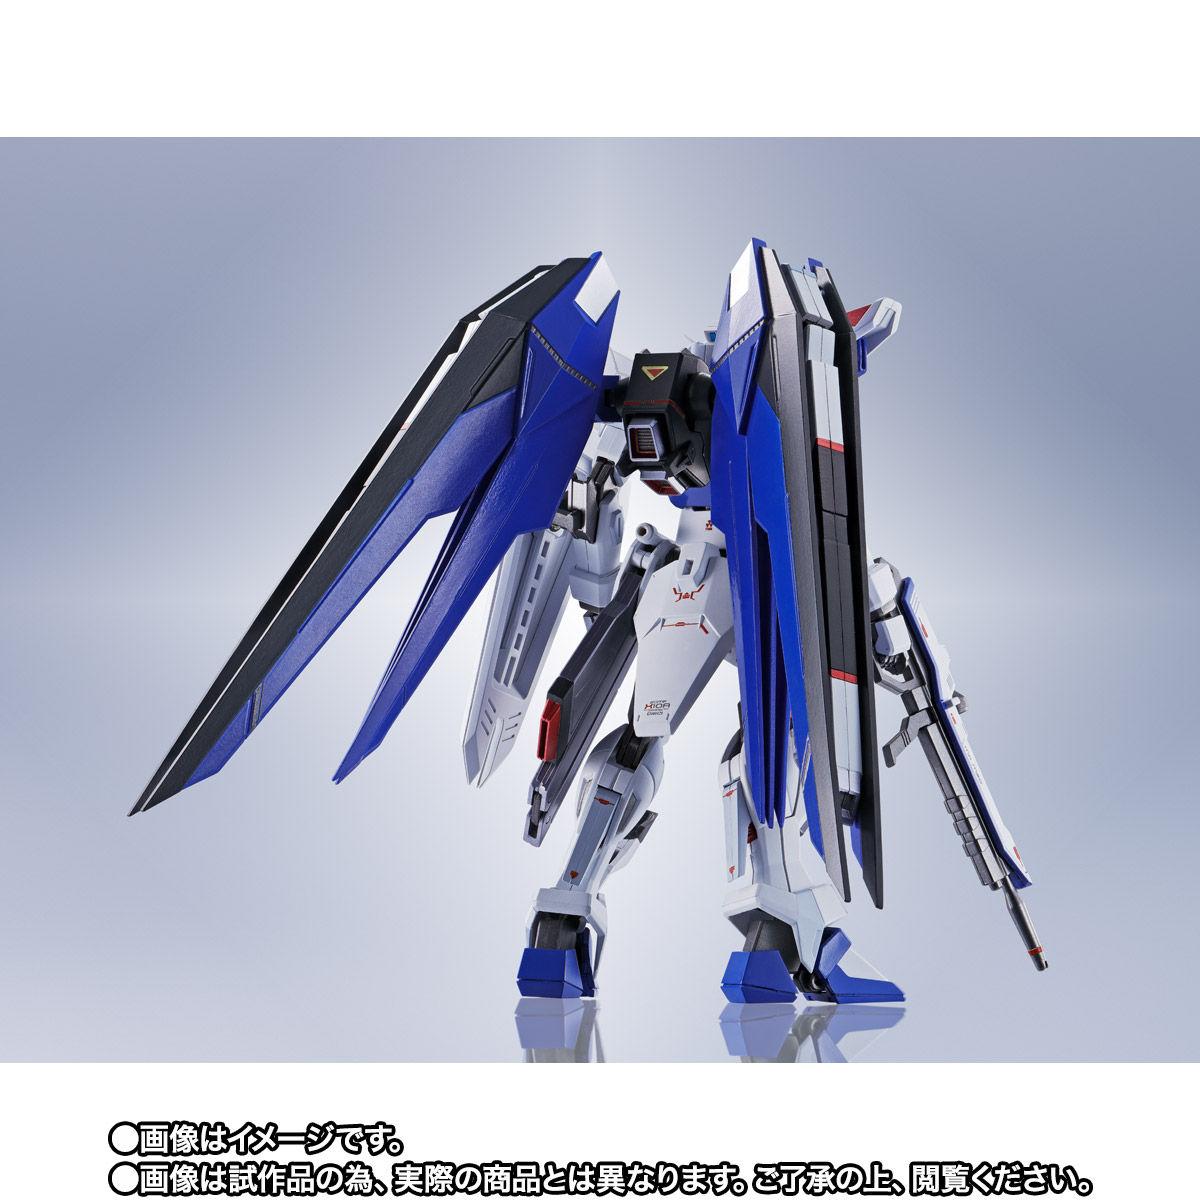 【限定販売】【再販】METAL ROBOT魂〈SIDE MS〉『フリーダムガンダム』ガンダムSEED 可動フィギュア-003